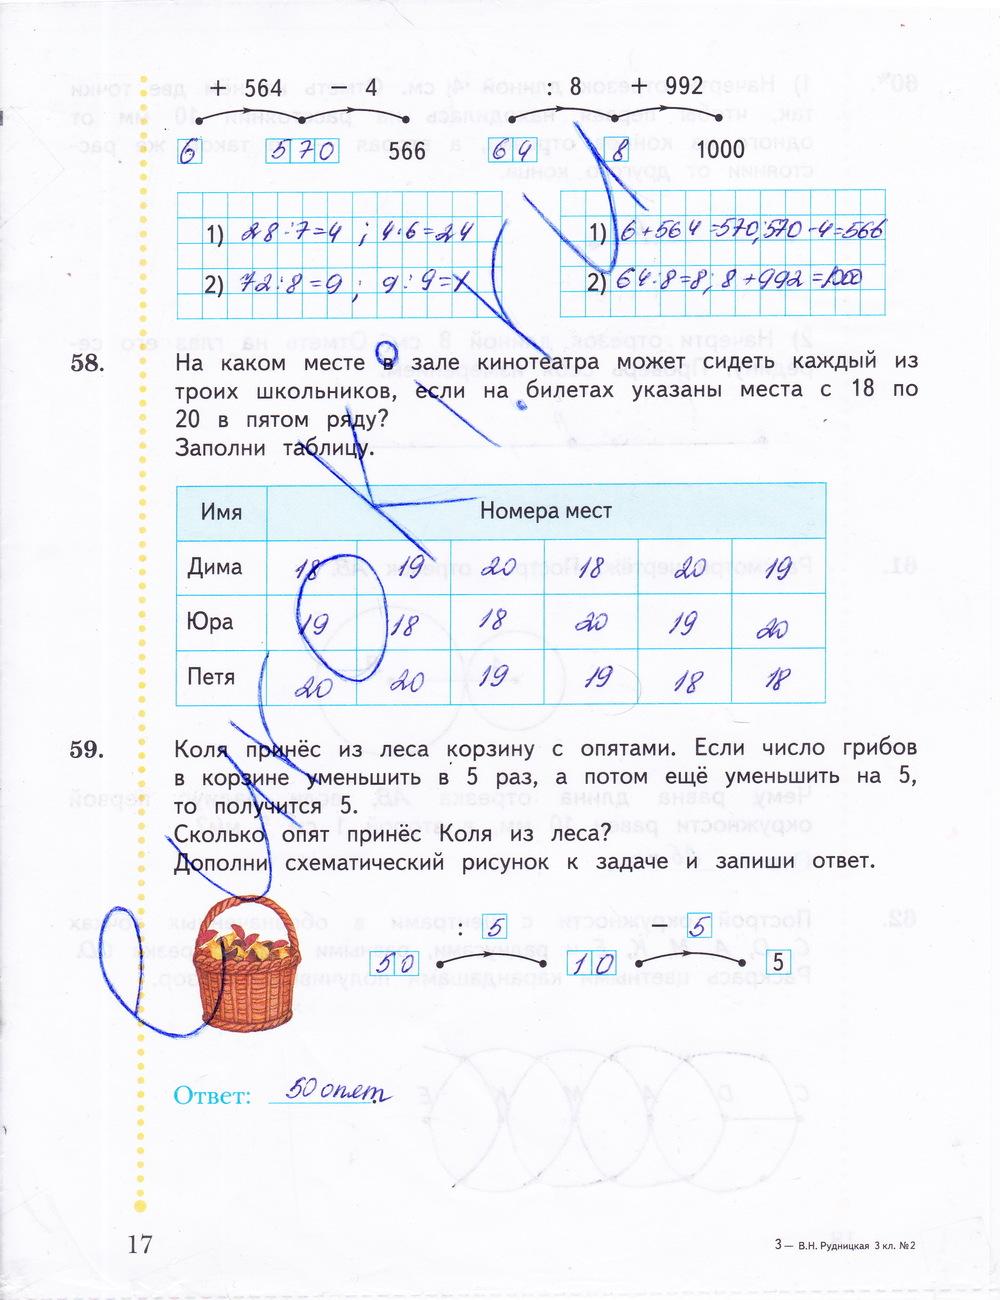 гдз по математике 6 класс рабочая тетрадь номер 2 для контрольных работ рудницкая